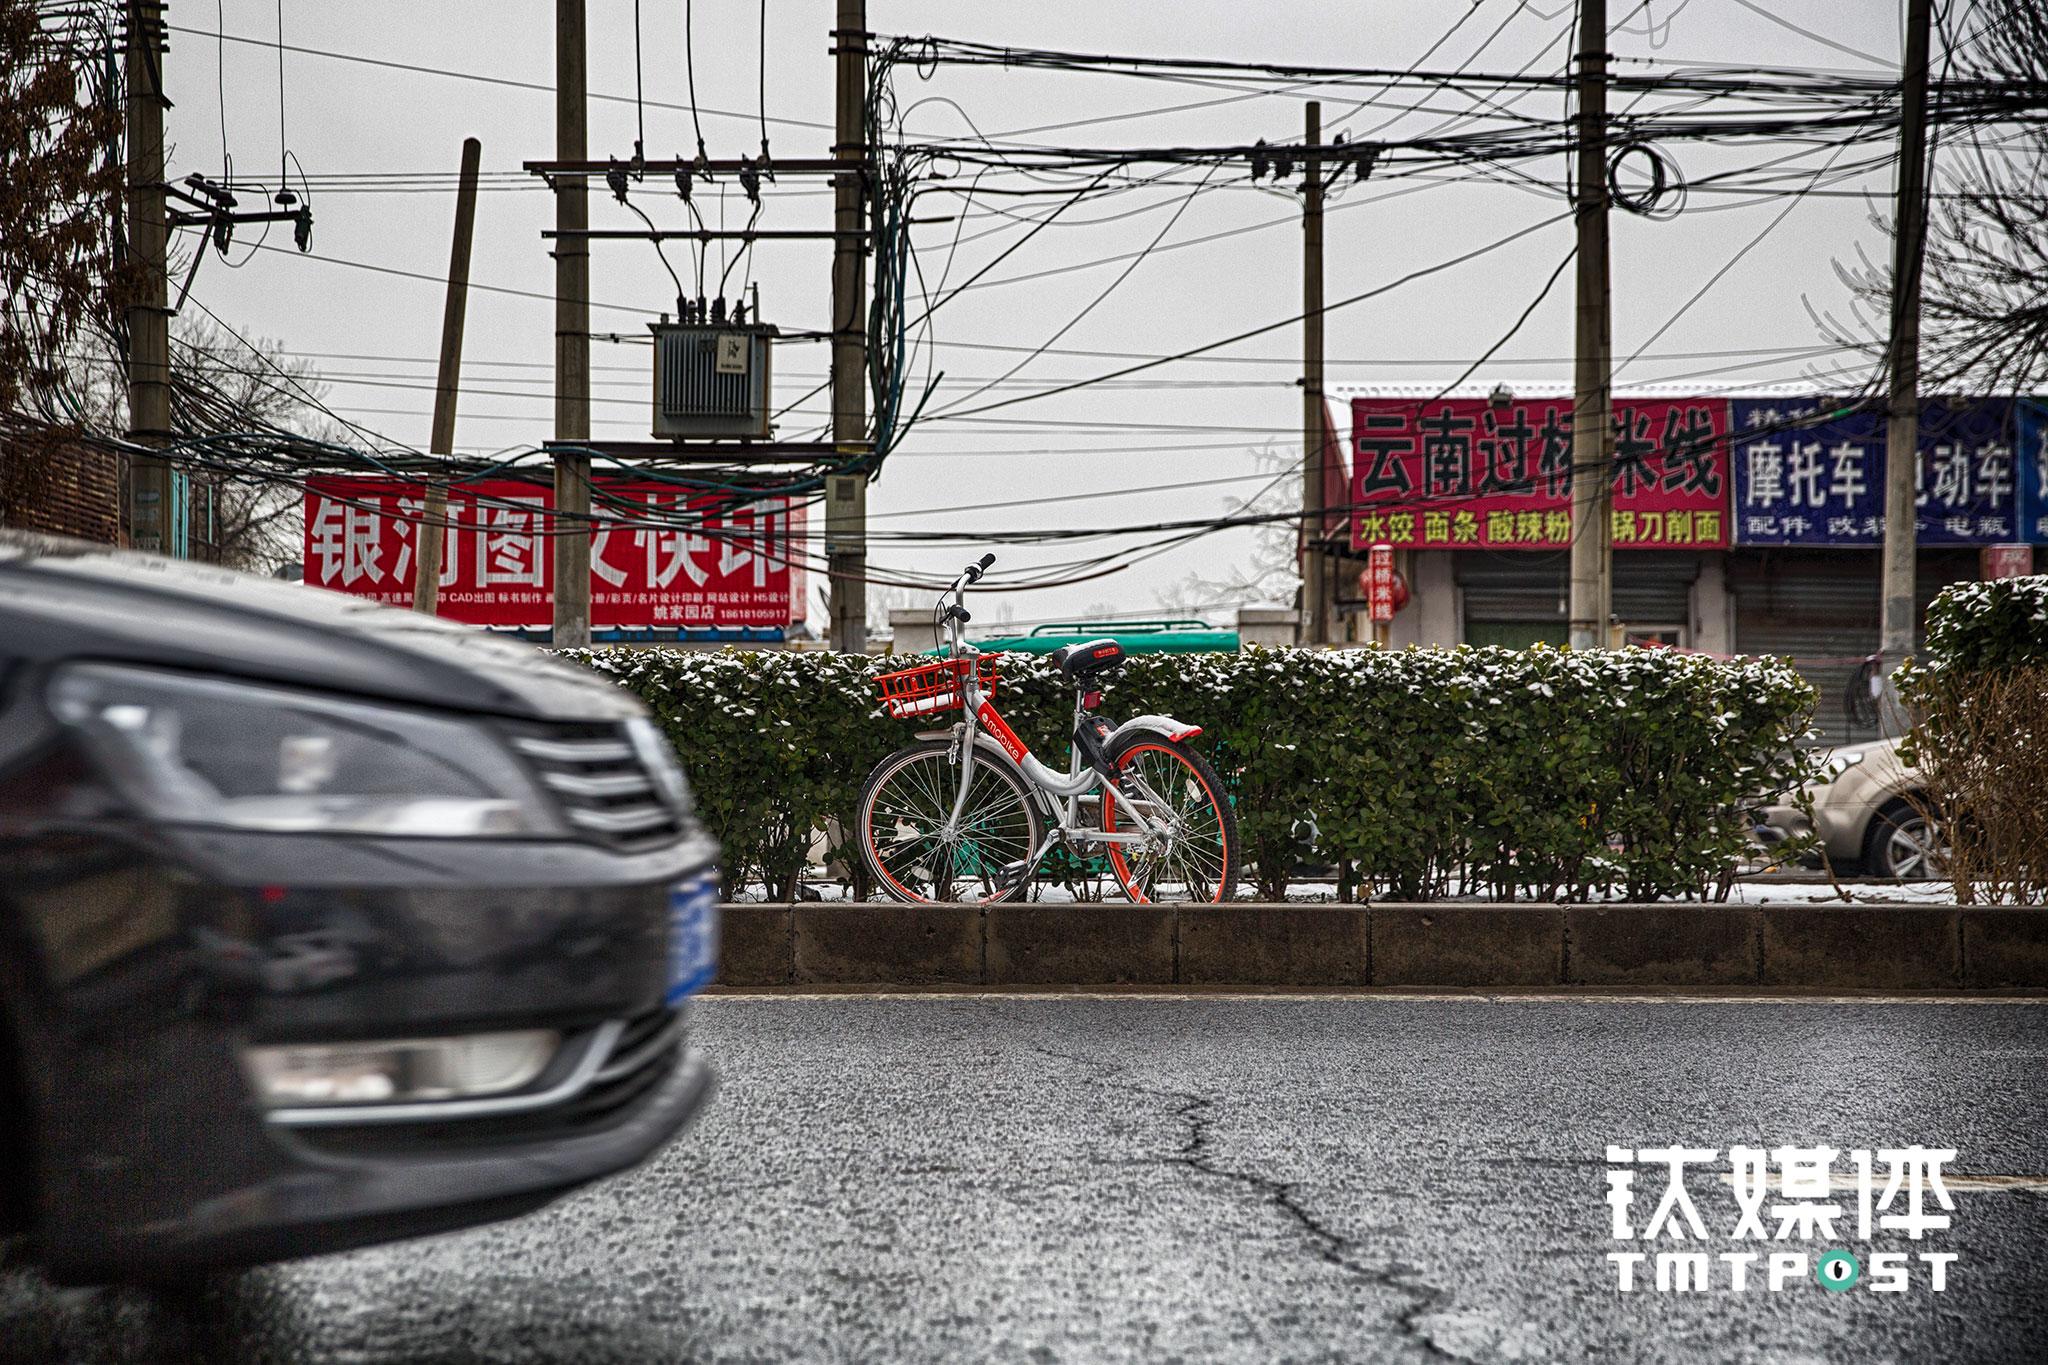 被随意乱停乱放也是共享单车面临的一个考验。2月21日,青年路,一辆摩拜被停放在主路中间的绿化带。